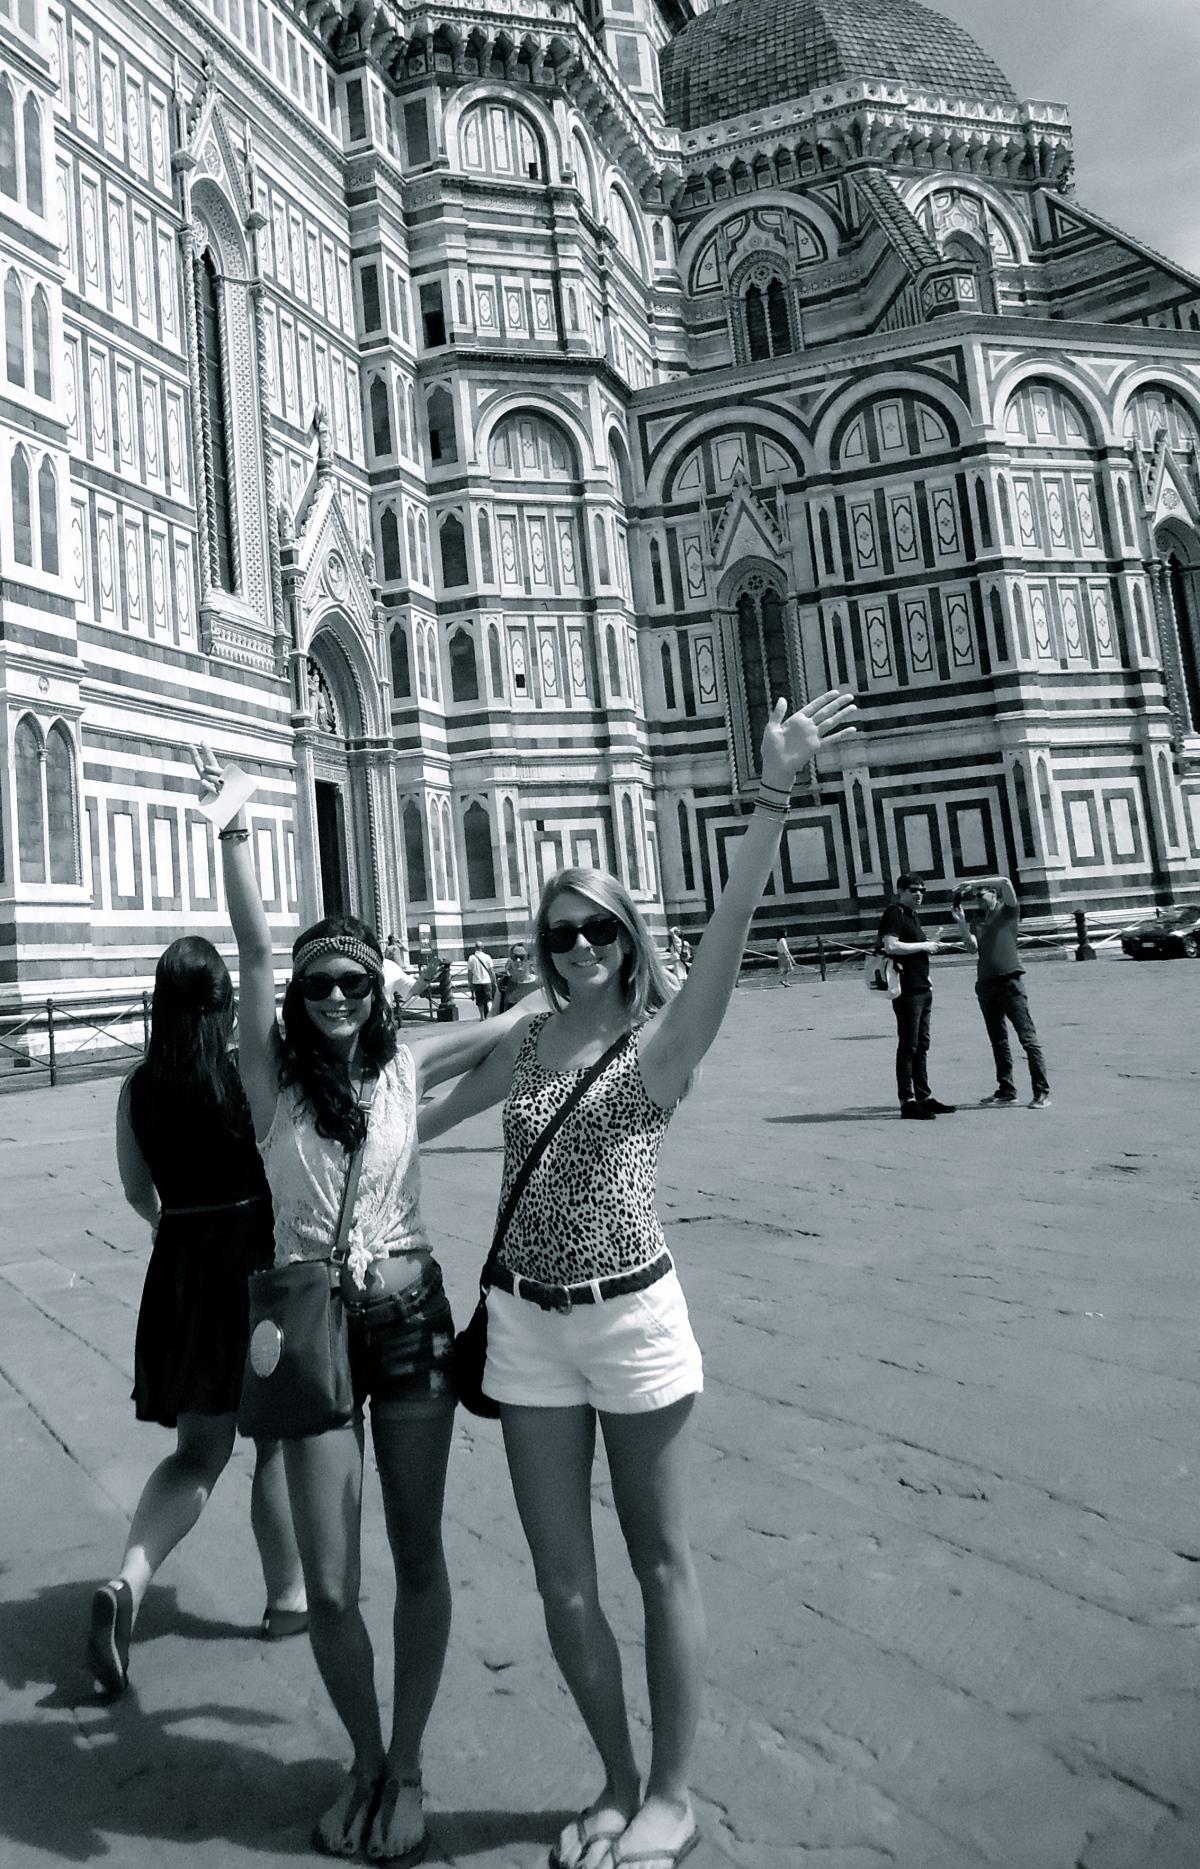 Il Duomo di Firenze Firenze, Italia Photo by Alexa